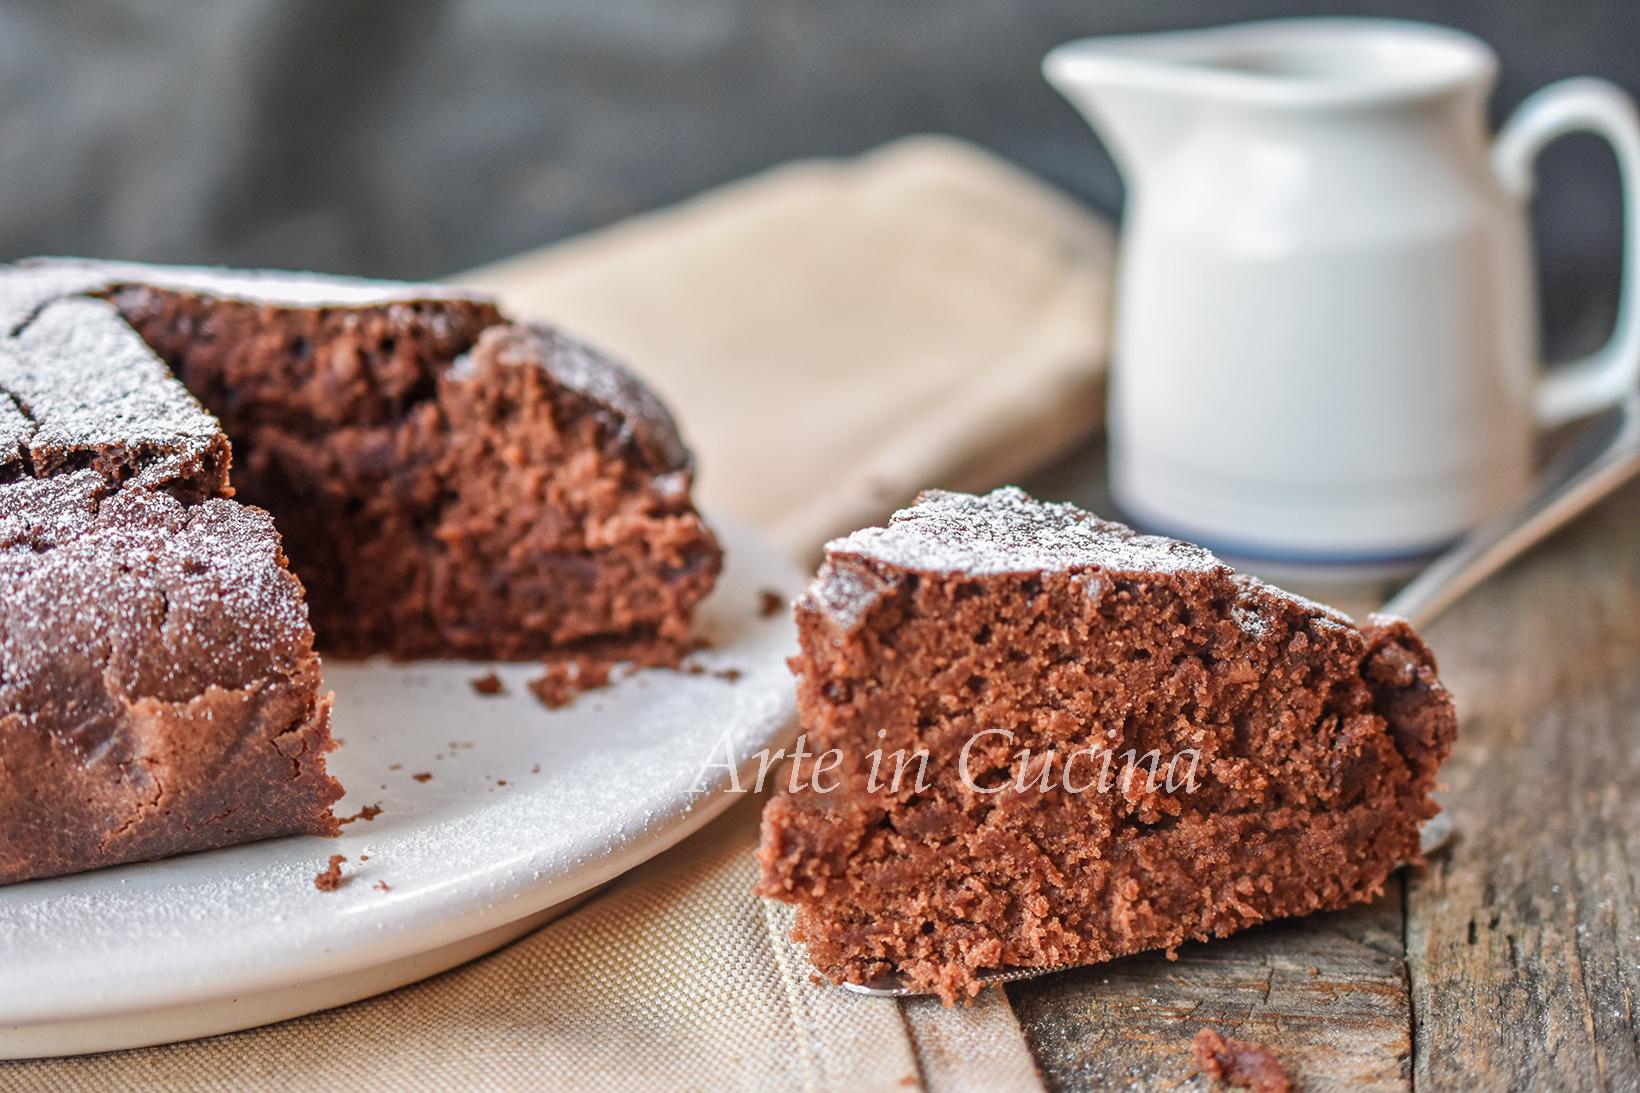 Torta senza burro e uova al cioccolato veloce vickyart arte in cucina